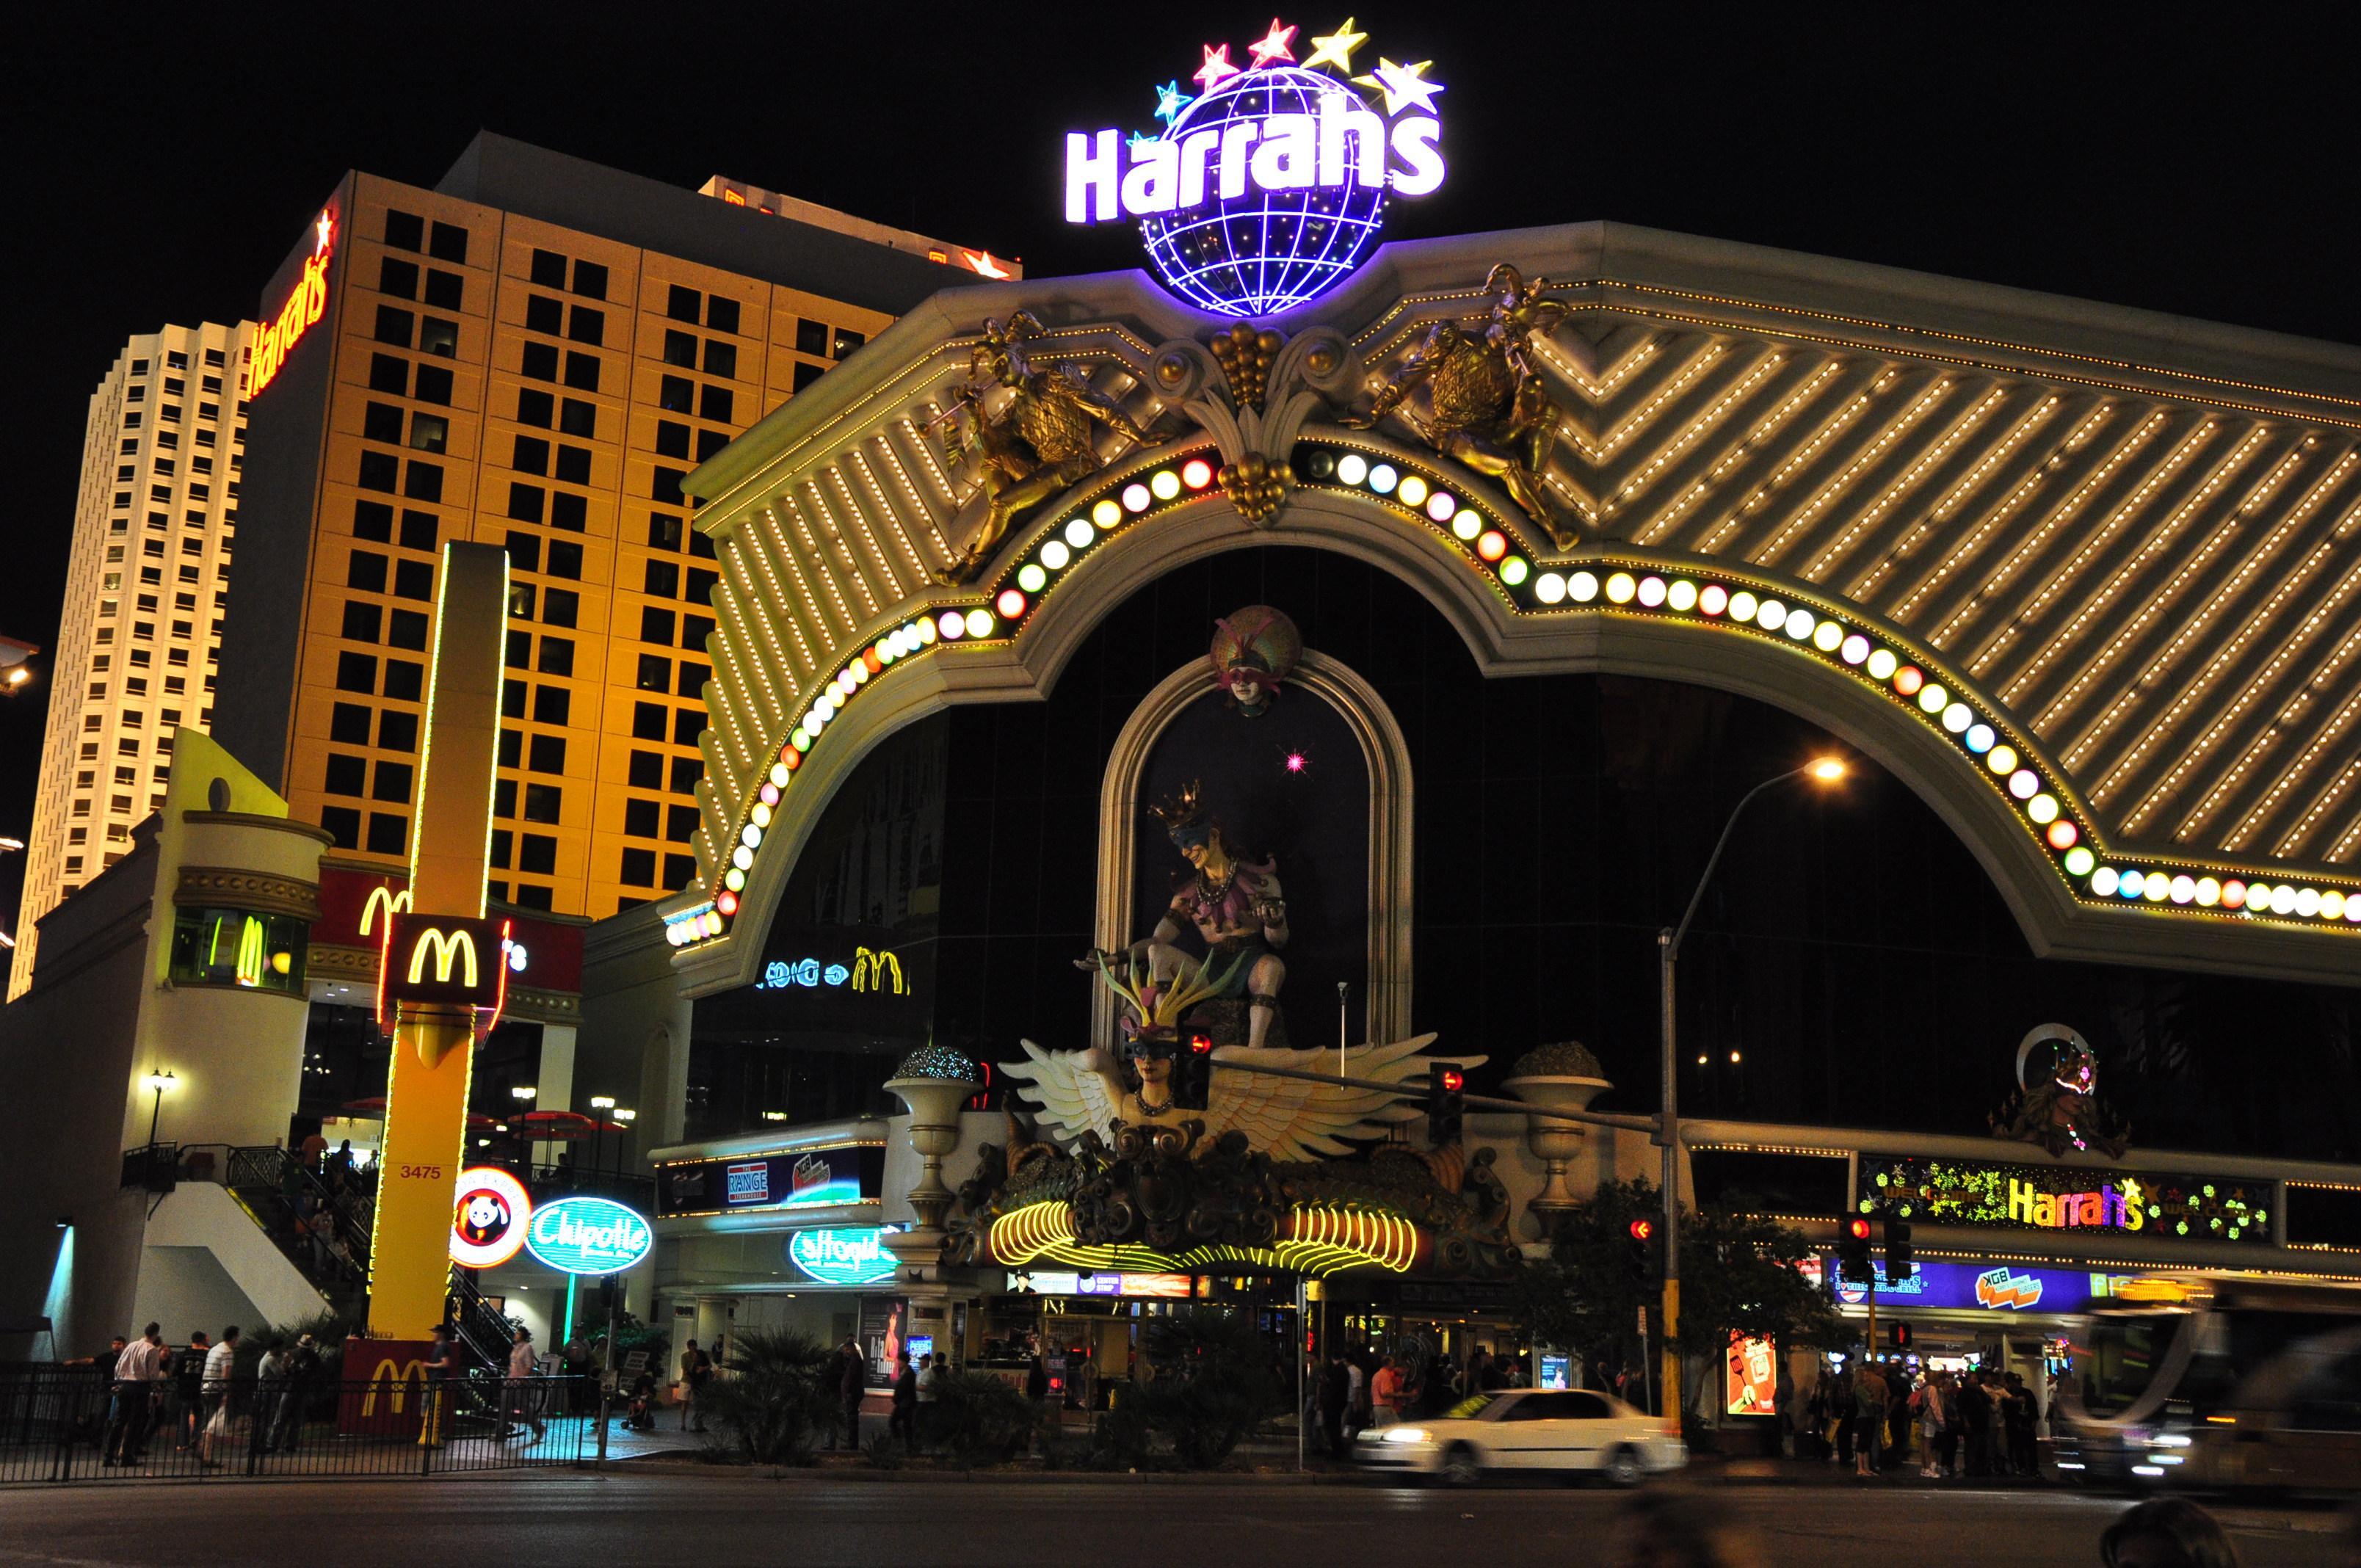 Hotel las rate strip vegas